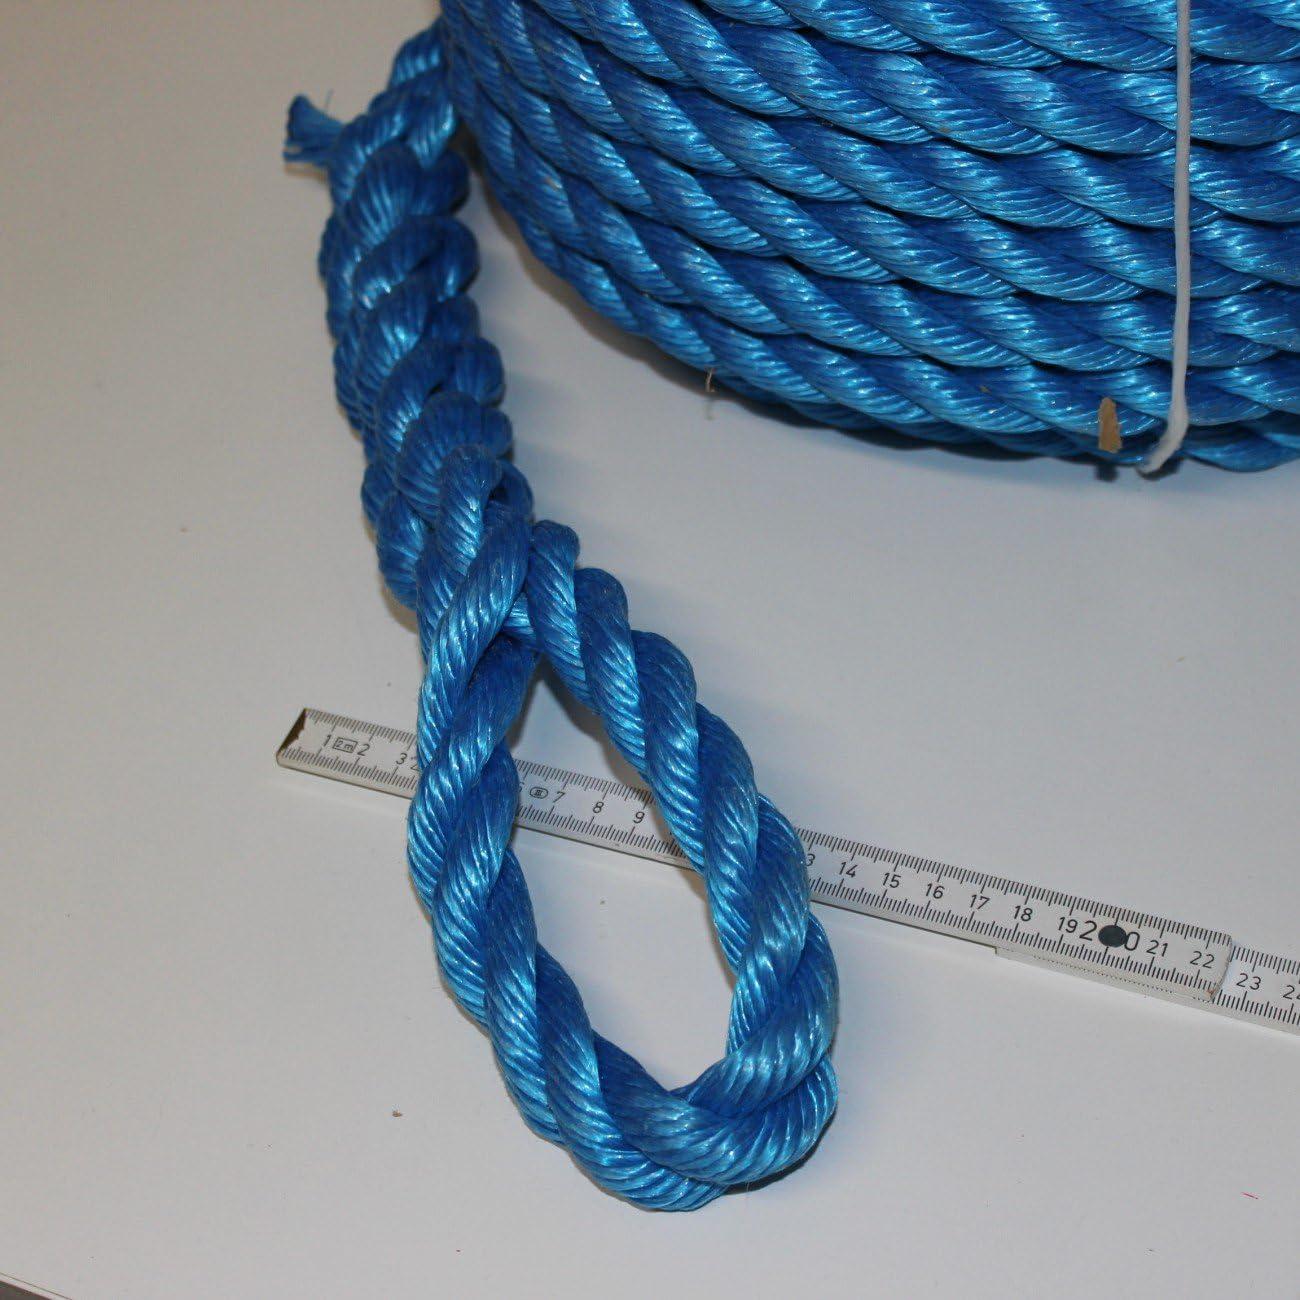 verrottungsbest/ändig Tau Extrem robustes Seil 20 mm Schiffsleine aus lau L/änge 40 m Polypropylen Hochbelastbares Universalseil Nylonseil gedreht aus PP sehr haltbar Bootsleine 40 Meter lang mit Schlaufe Schnur Rei/ßkraft 5200 kg